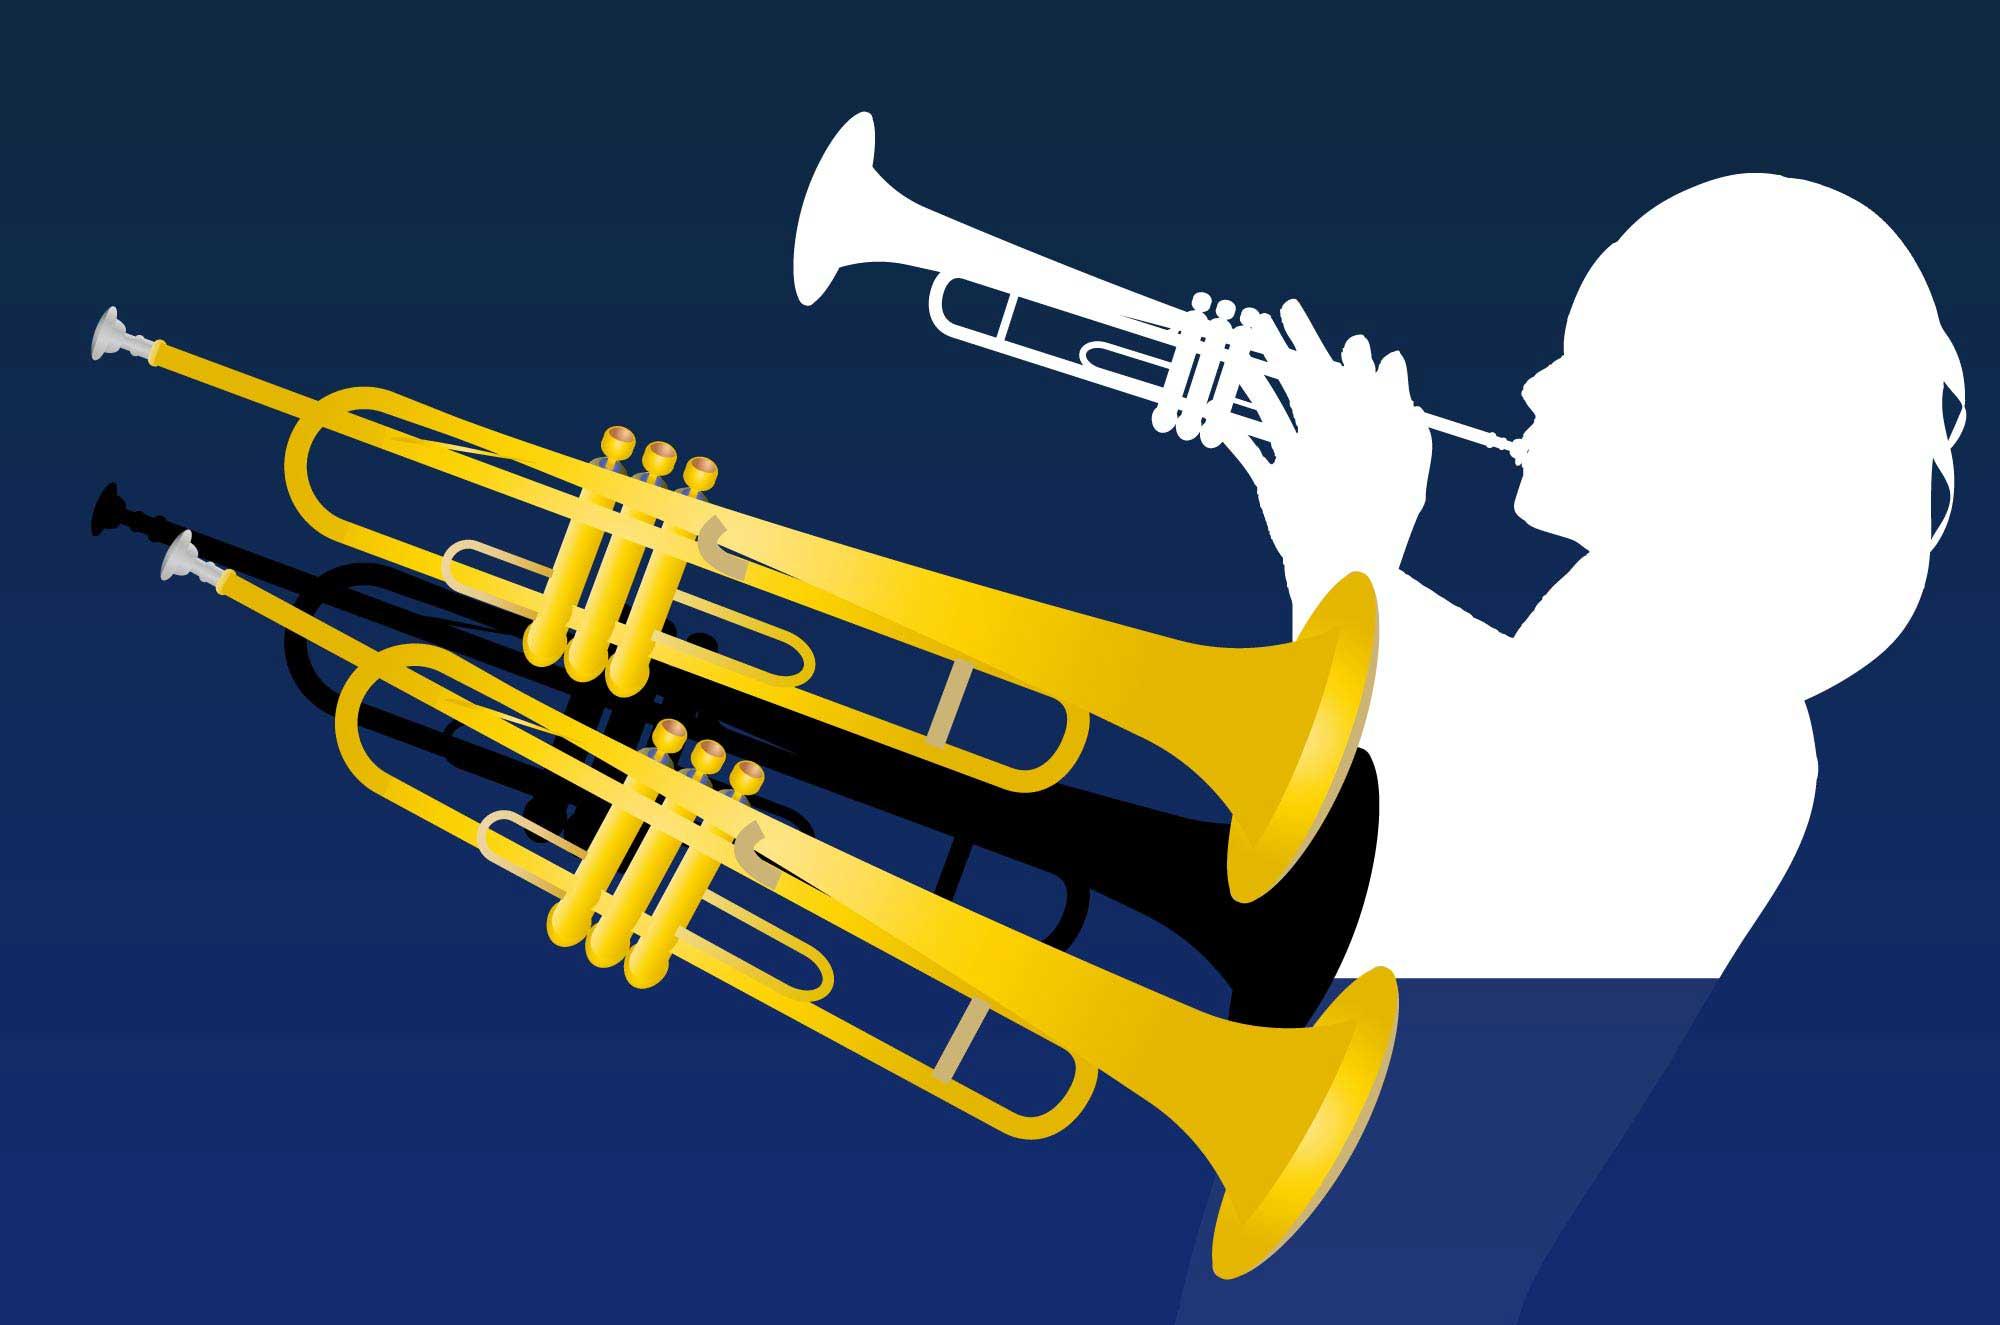 トランペットのムーディーな音楽イラスト無料素材集